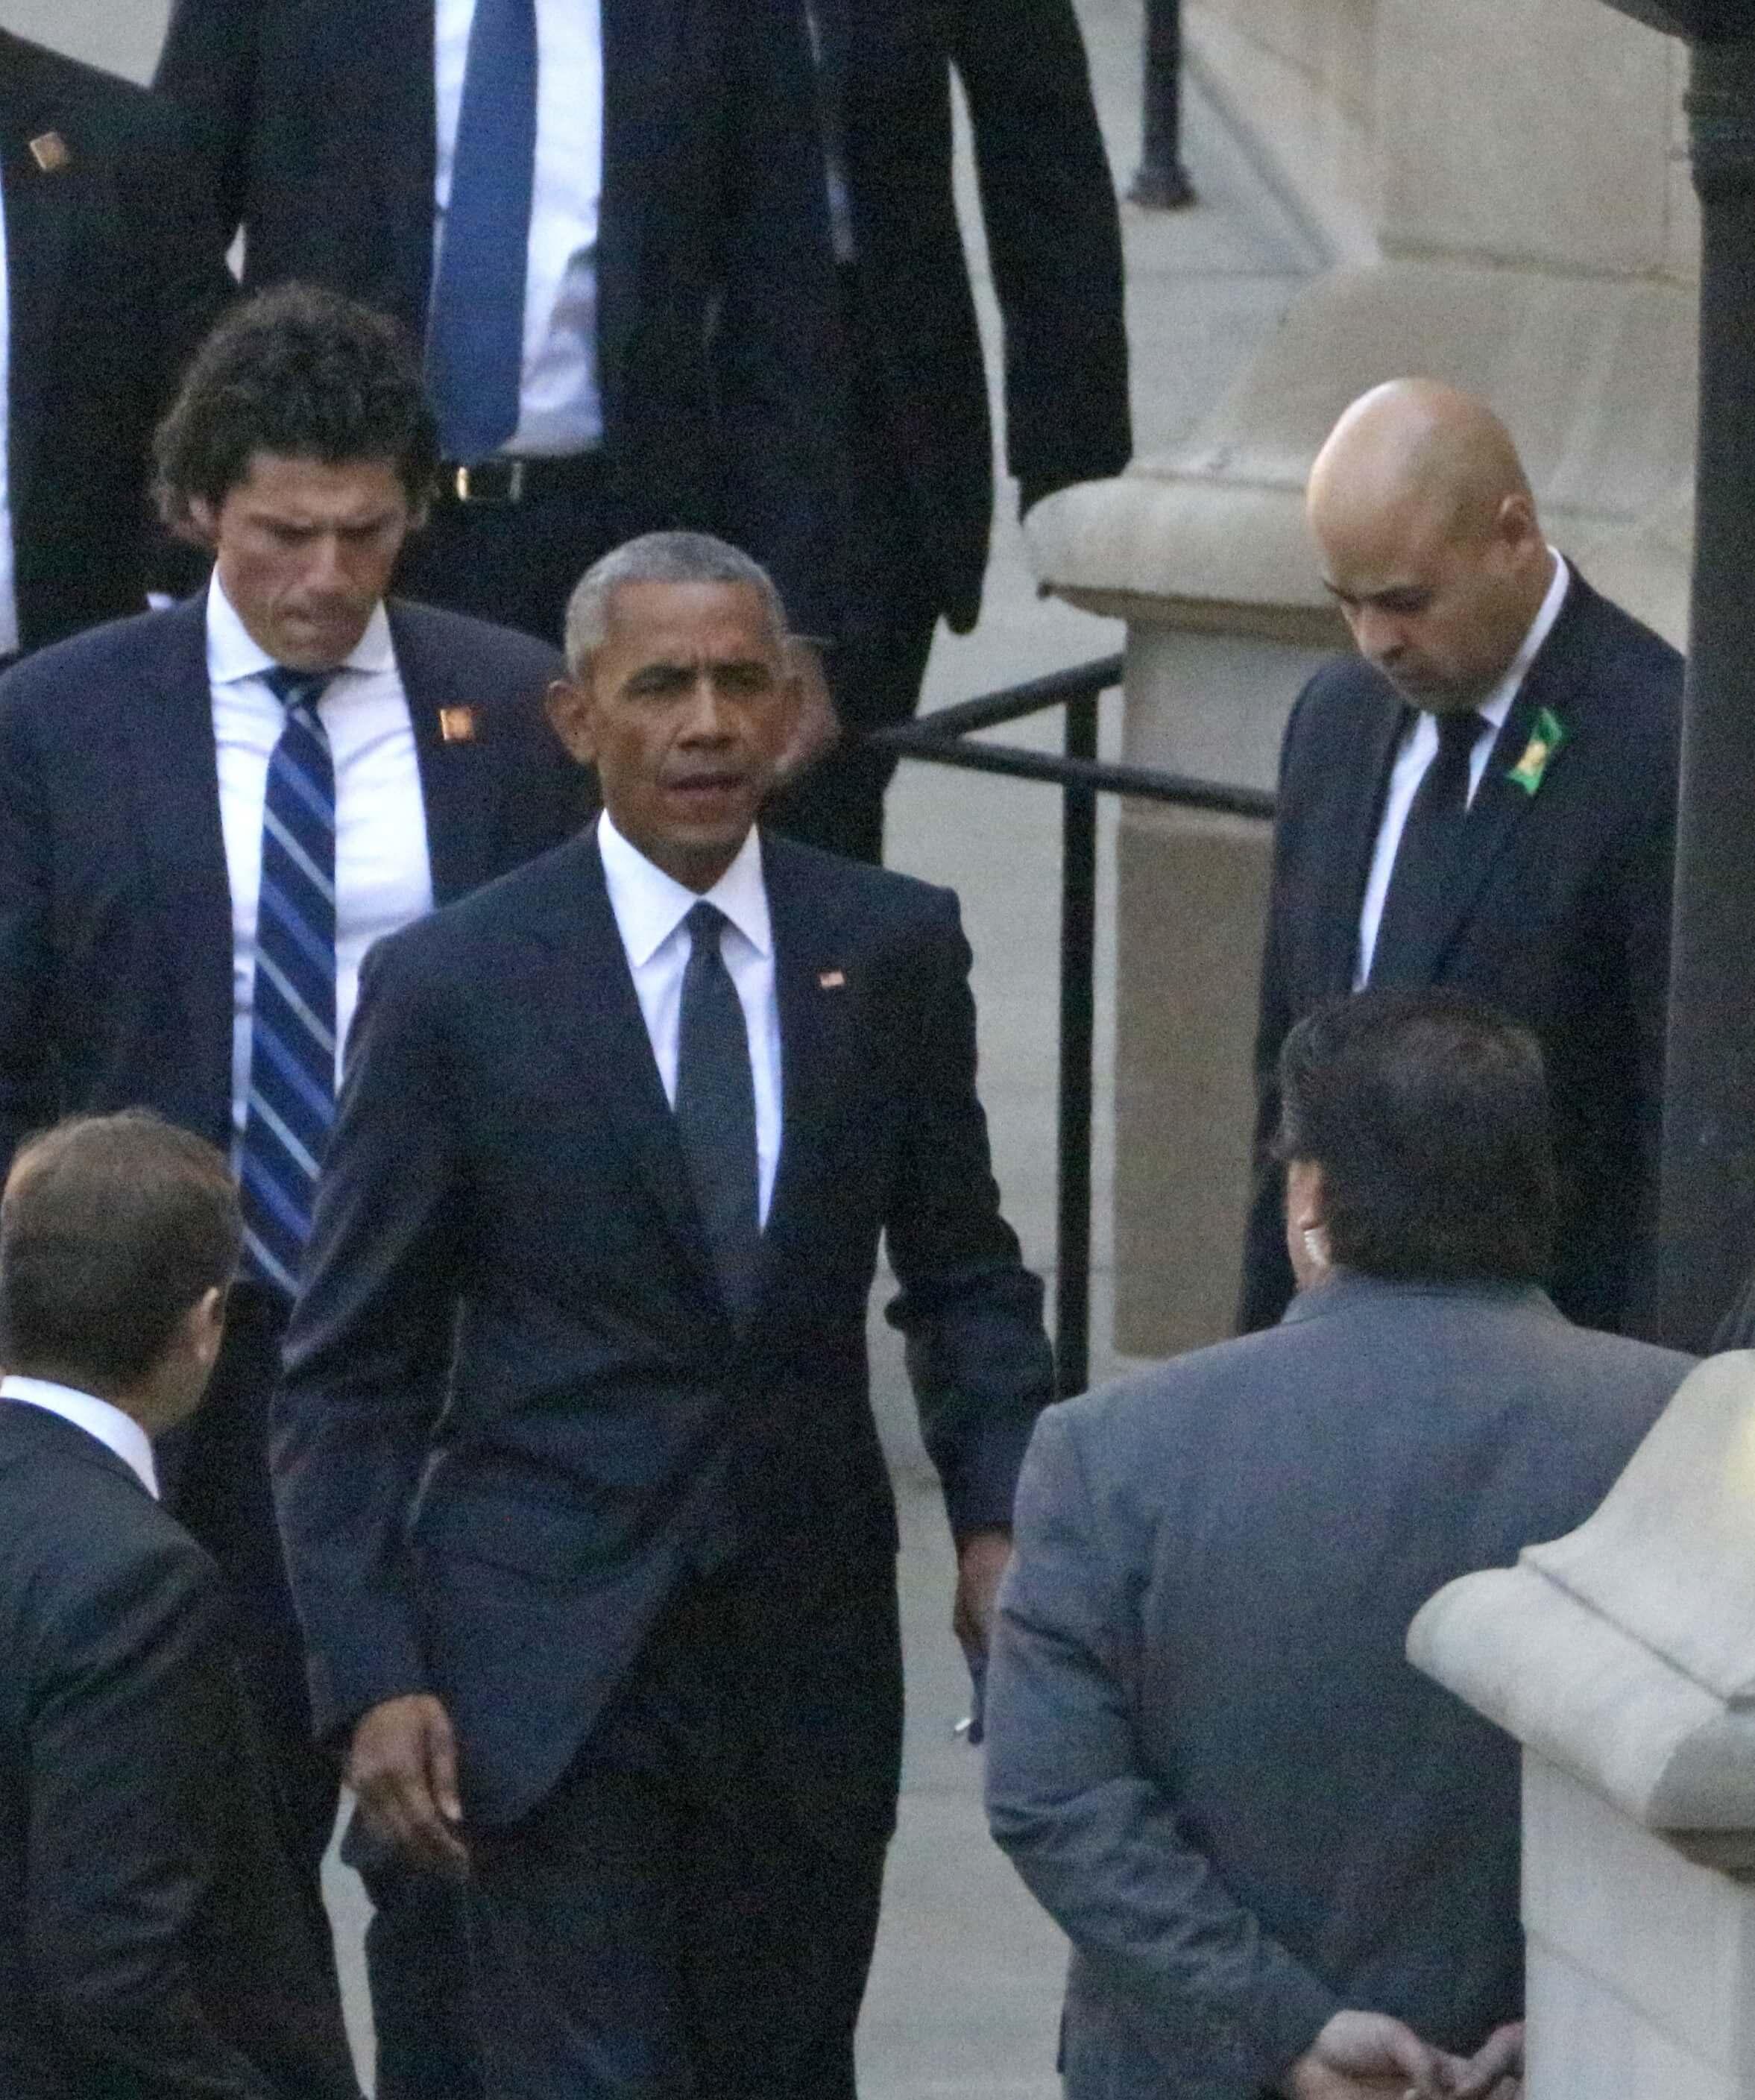 Obama efectuará su primera presentación pública el lunes en Chicago